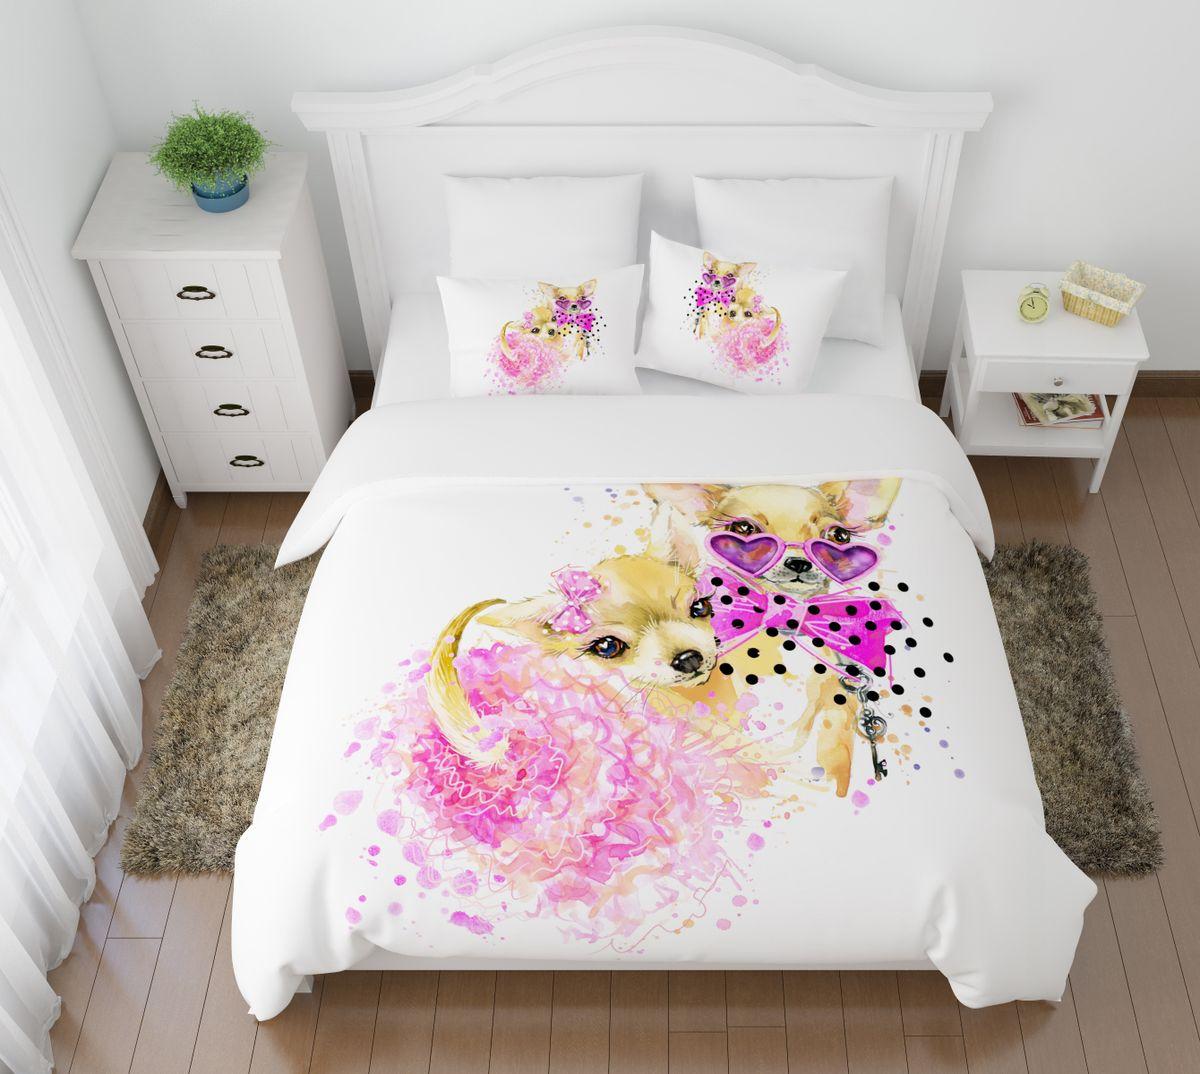 Комплект белья Сирень  Гламур, 2-спальный, наволочки 50х70S03301004Комплект постельного белья Сирень выполнен из прочной и мягкой ткани. Четкий и стильный рисунок в сочетании с насыщенными красками делают комплект постельного белья неповторимой изюминкой любого интерьера.Постельное белье идеально подойдет для подарка. Идеальное соотношение смешенной ткани и гипоаллергенных красок - это гарантия здорового, спокойного сна. Ткань хорошо впитывает влагу, надолго сохраняет яркость красок.В комплект входят: простынь, пододеяльник, две наволочки. Постельное белье легко стирать при 30-40°С, гладить при 150°С, не отбеливать. Рекомендуется перед первым использованием постирать.УВАЖАЕМЫЕ КЛИЕНТЫ! Обращаем ваше внимание, что цвет простыни, пододеяльника, наволочки в комплектации может немного отличаться от представленного на фото.